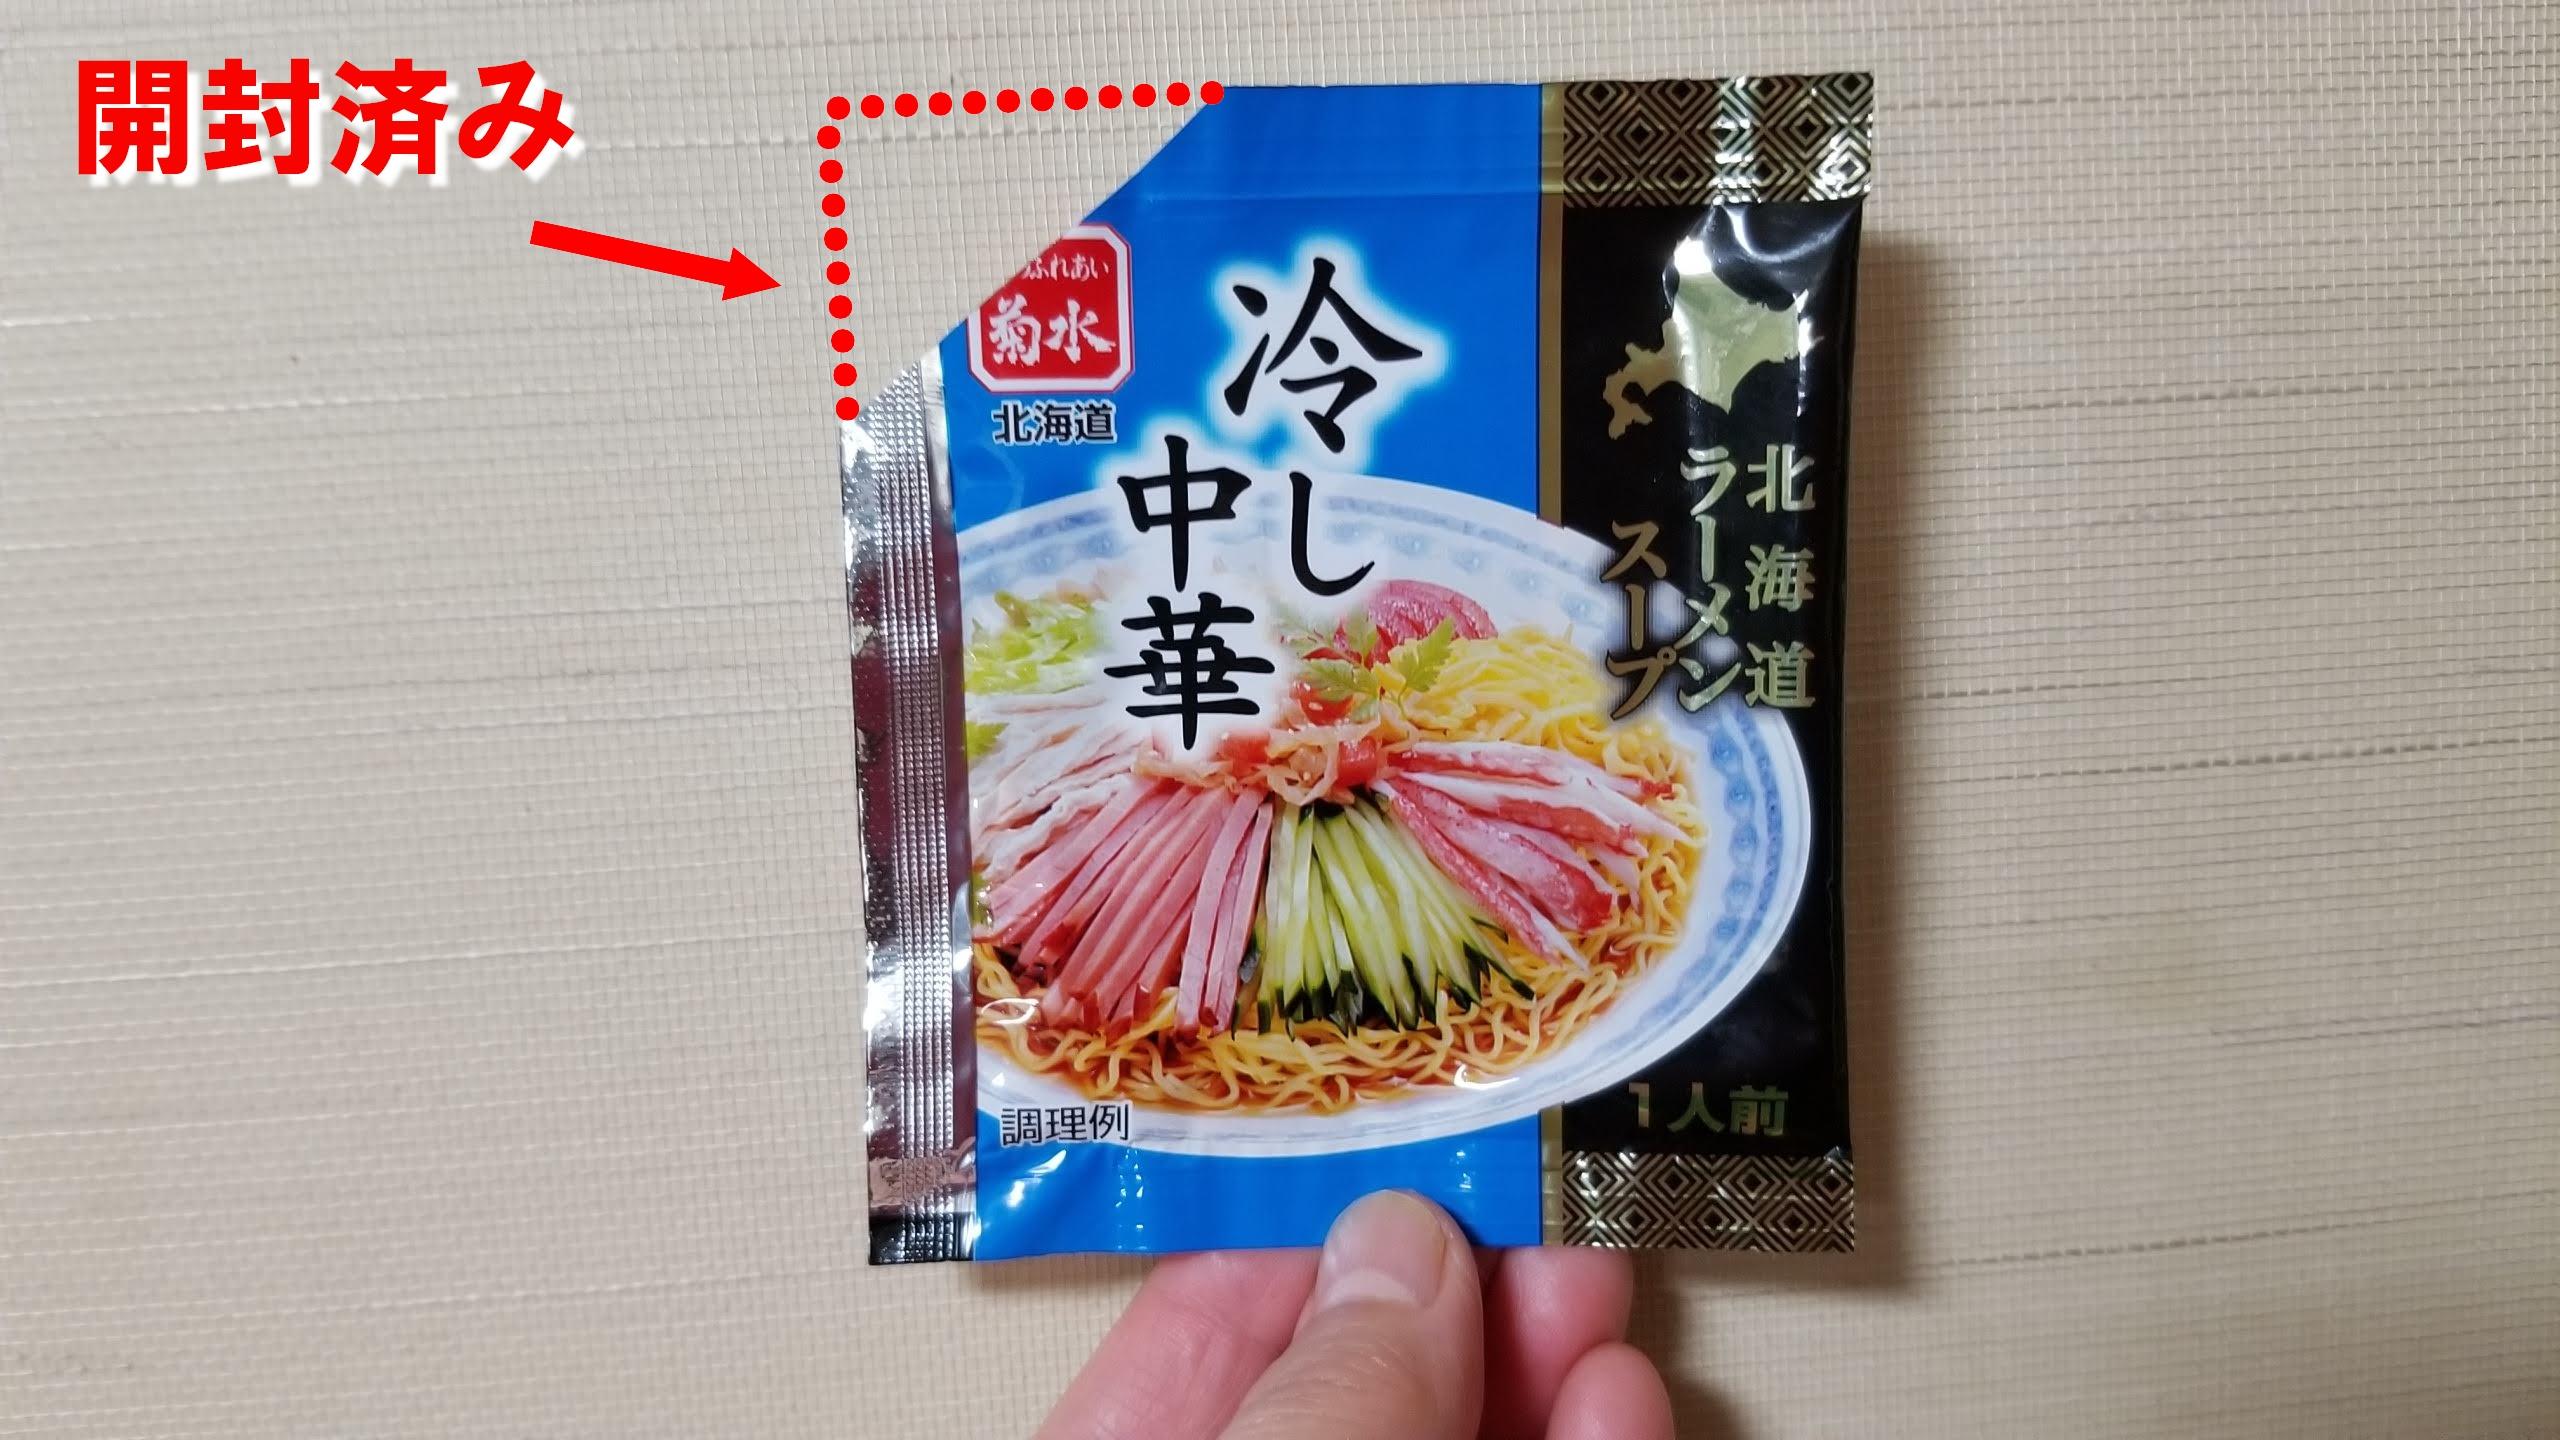 北海道ラーメンスープ「冷やし中華」1人前/菊水_ed_20200503_192746